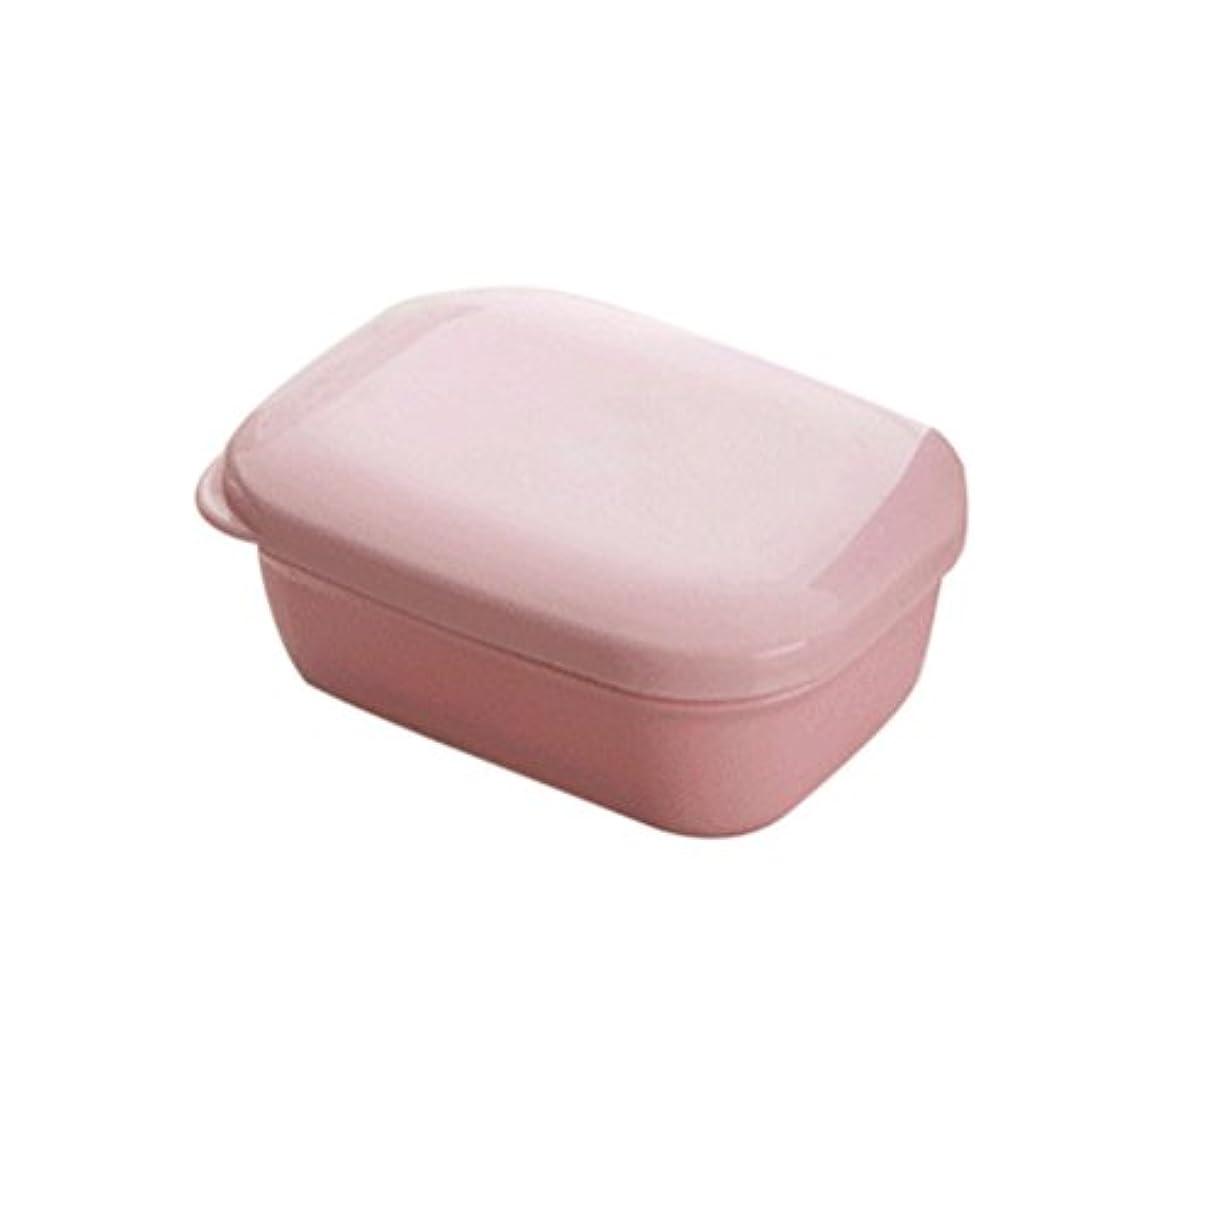 プリーツ西部回転させるBESTOMZ 石鹸ケース 石鹸置き ソープディッシュ 旅行用 携帯 ふた付け(ピンク)